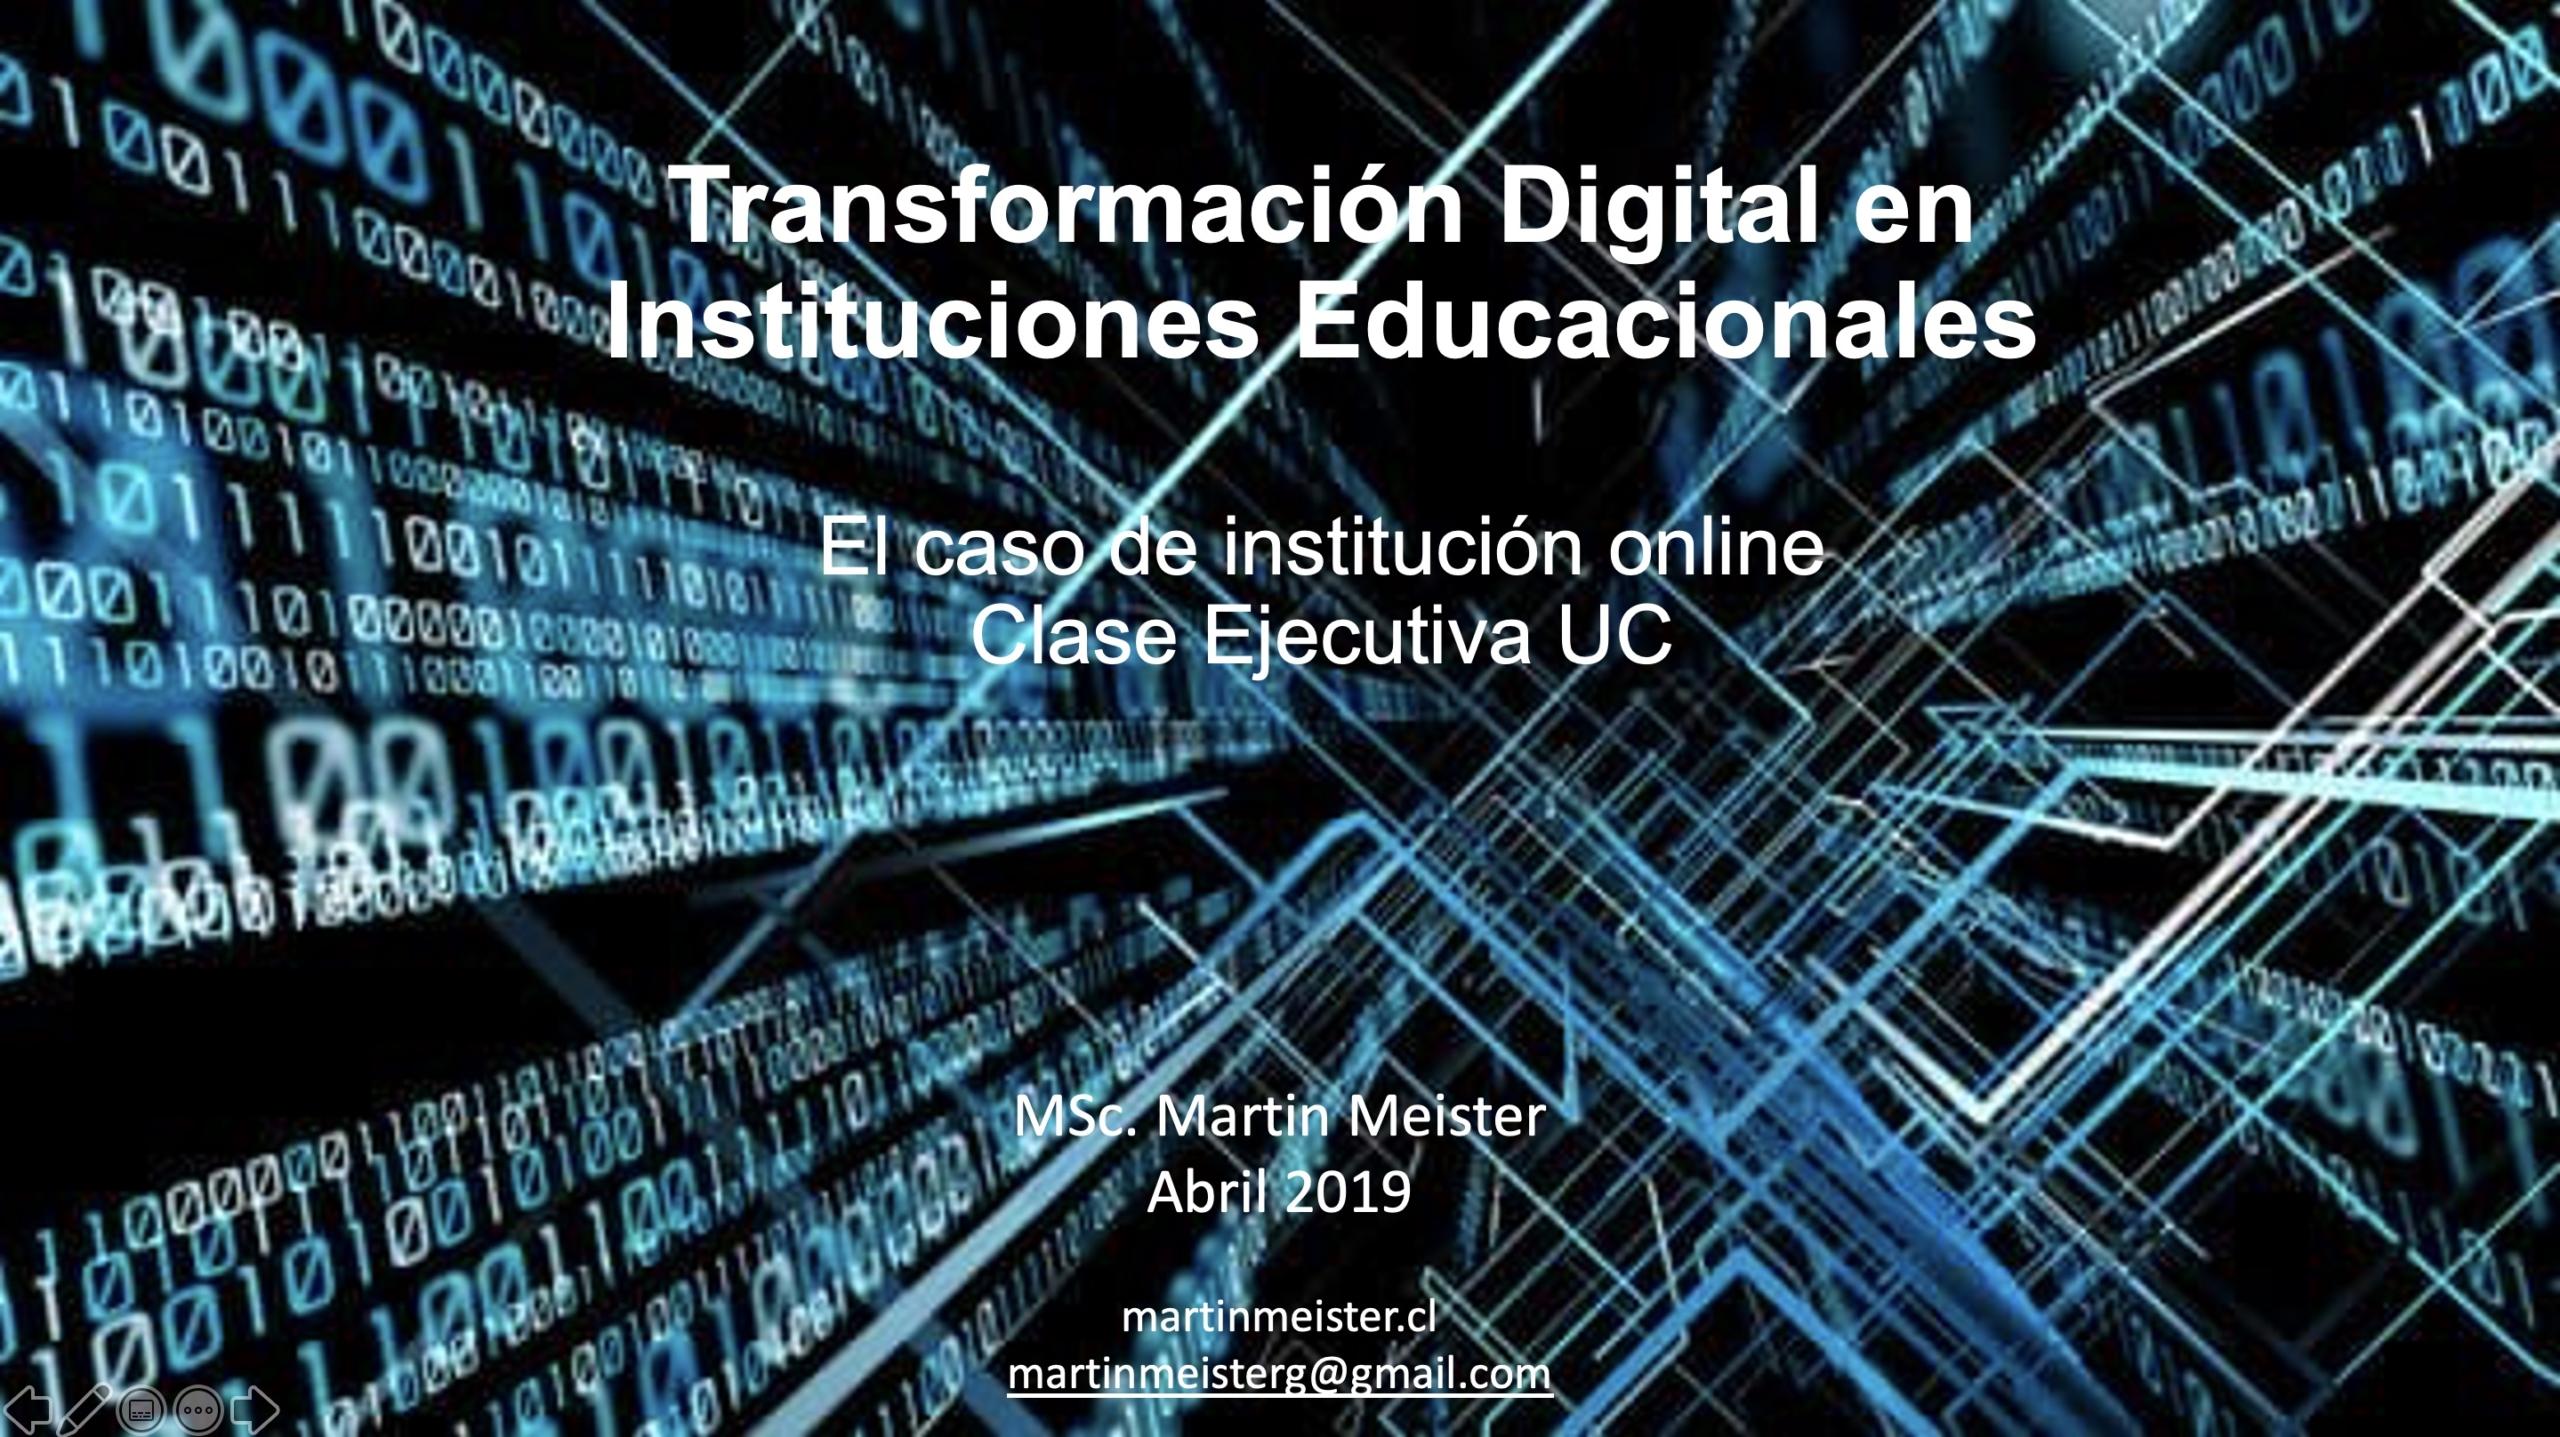 Transformación Digital en Instituciones Educacionales - Martin Meister